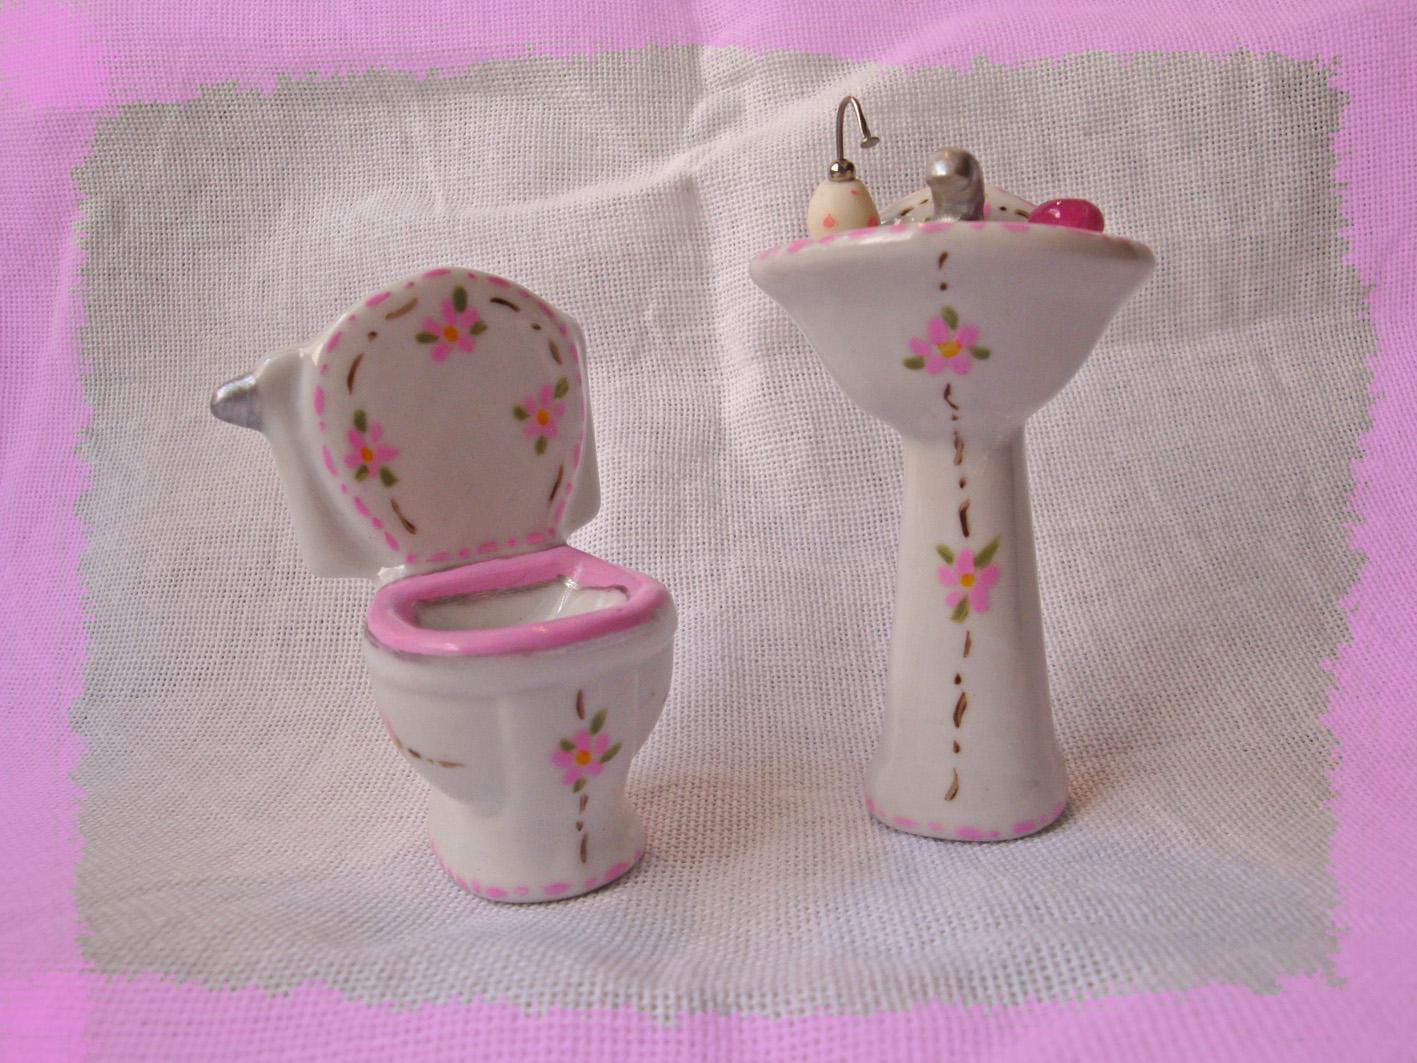 mini pecas de banheiro rosa branco cor de rosa #88435D 1417x1063 Banheiro Bege E Rosa